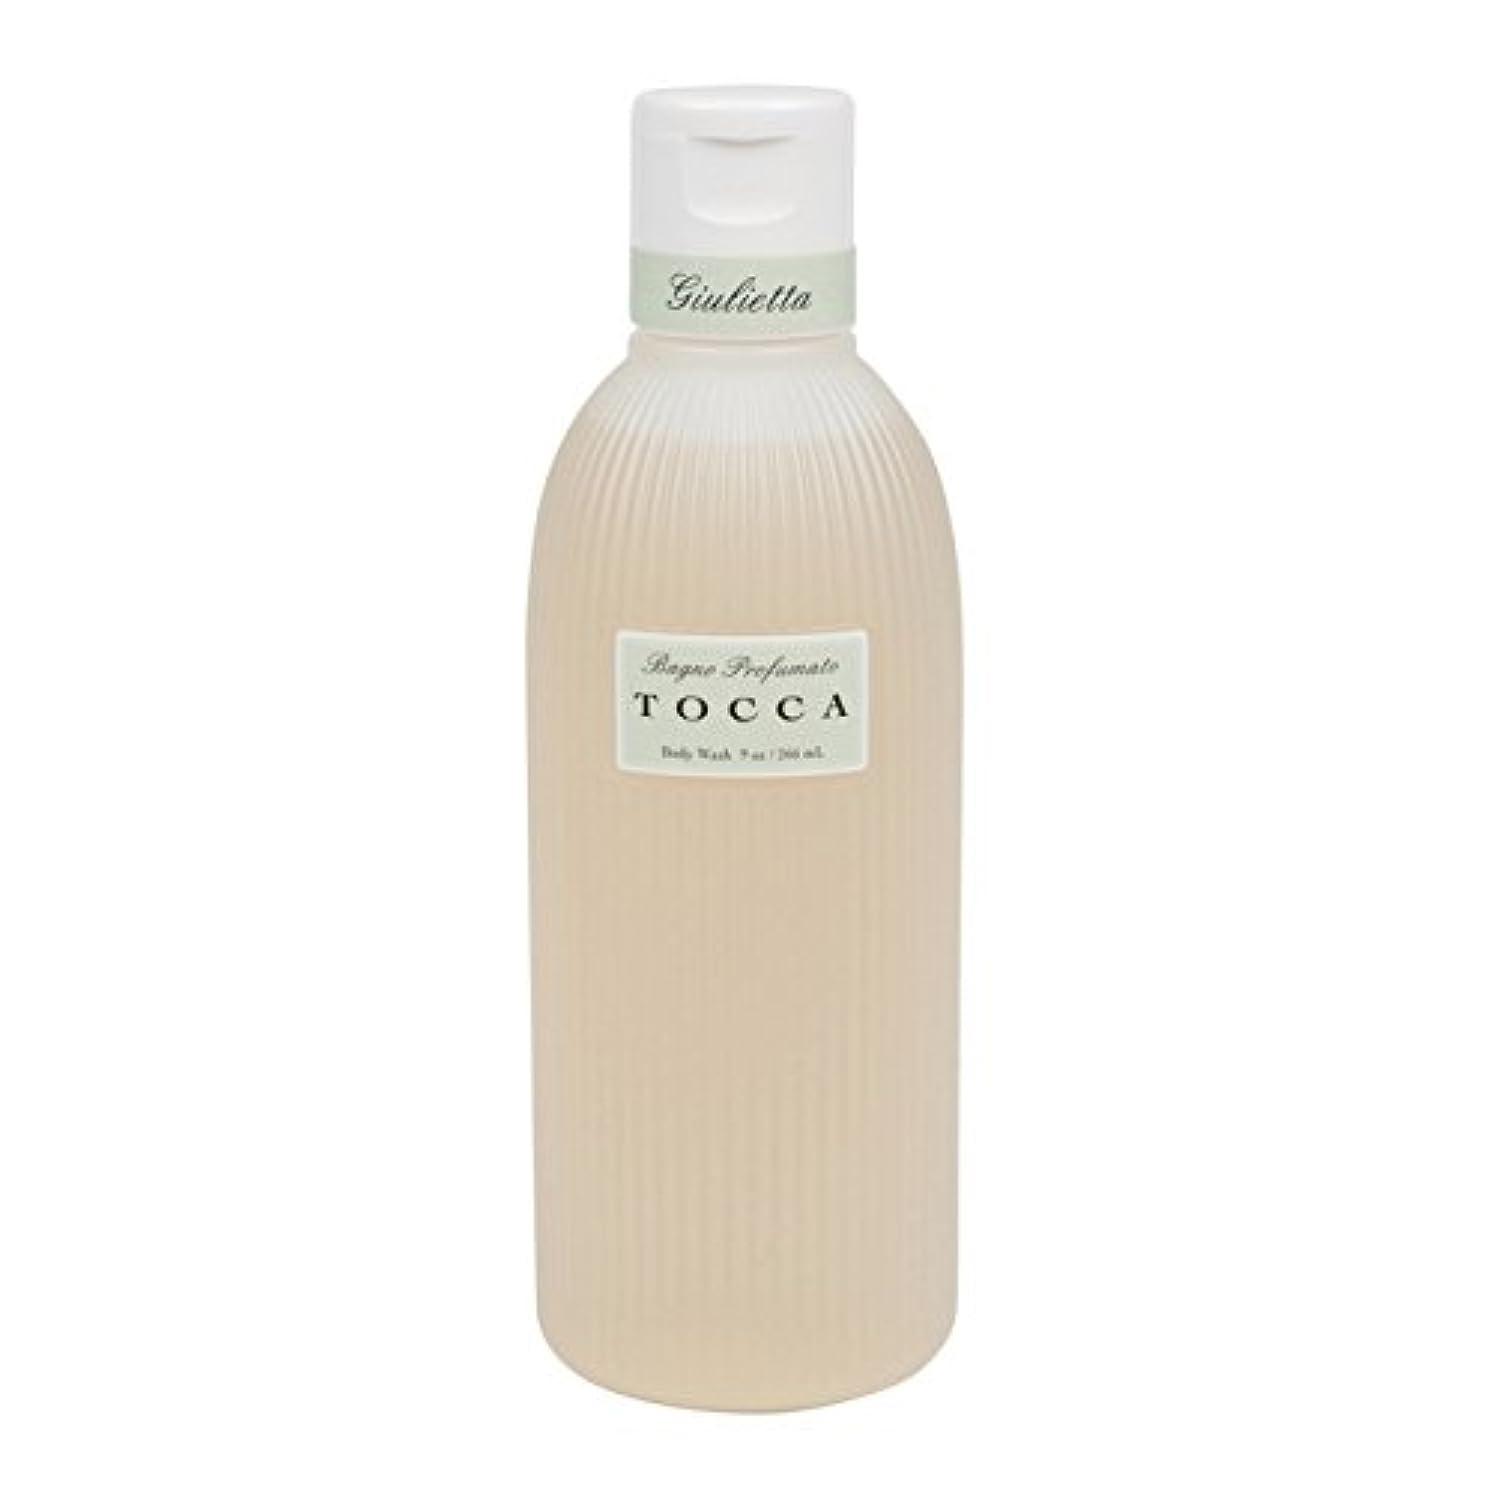 グラフィックおとなしい電信トッカ(TOCCA) ボディーケアウォッシュ ジュリエッタの香り  266ml(全身用洗浄料 ボディーソープ ピンクチューリップとグリーンアップルの爽やかで甘い香り)